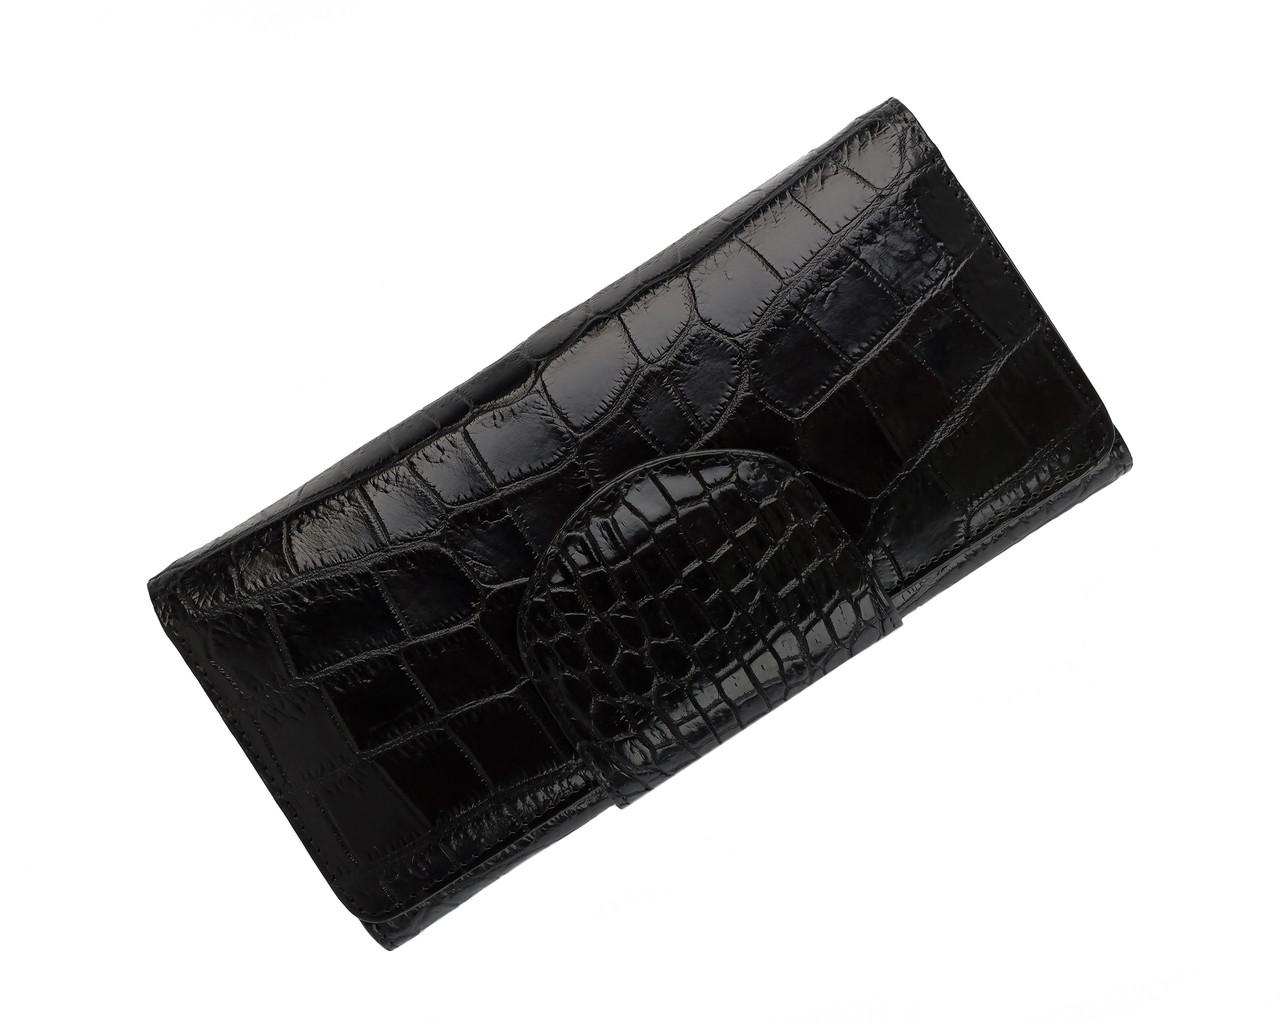 Кошелек из кожи крокодила Ekzotic Leather  Черный  (cw 65_1)